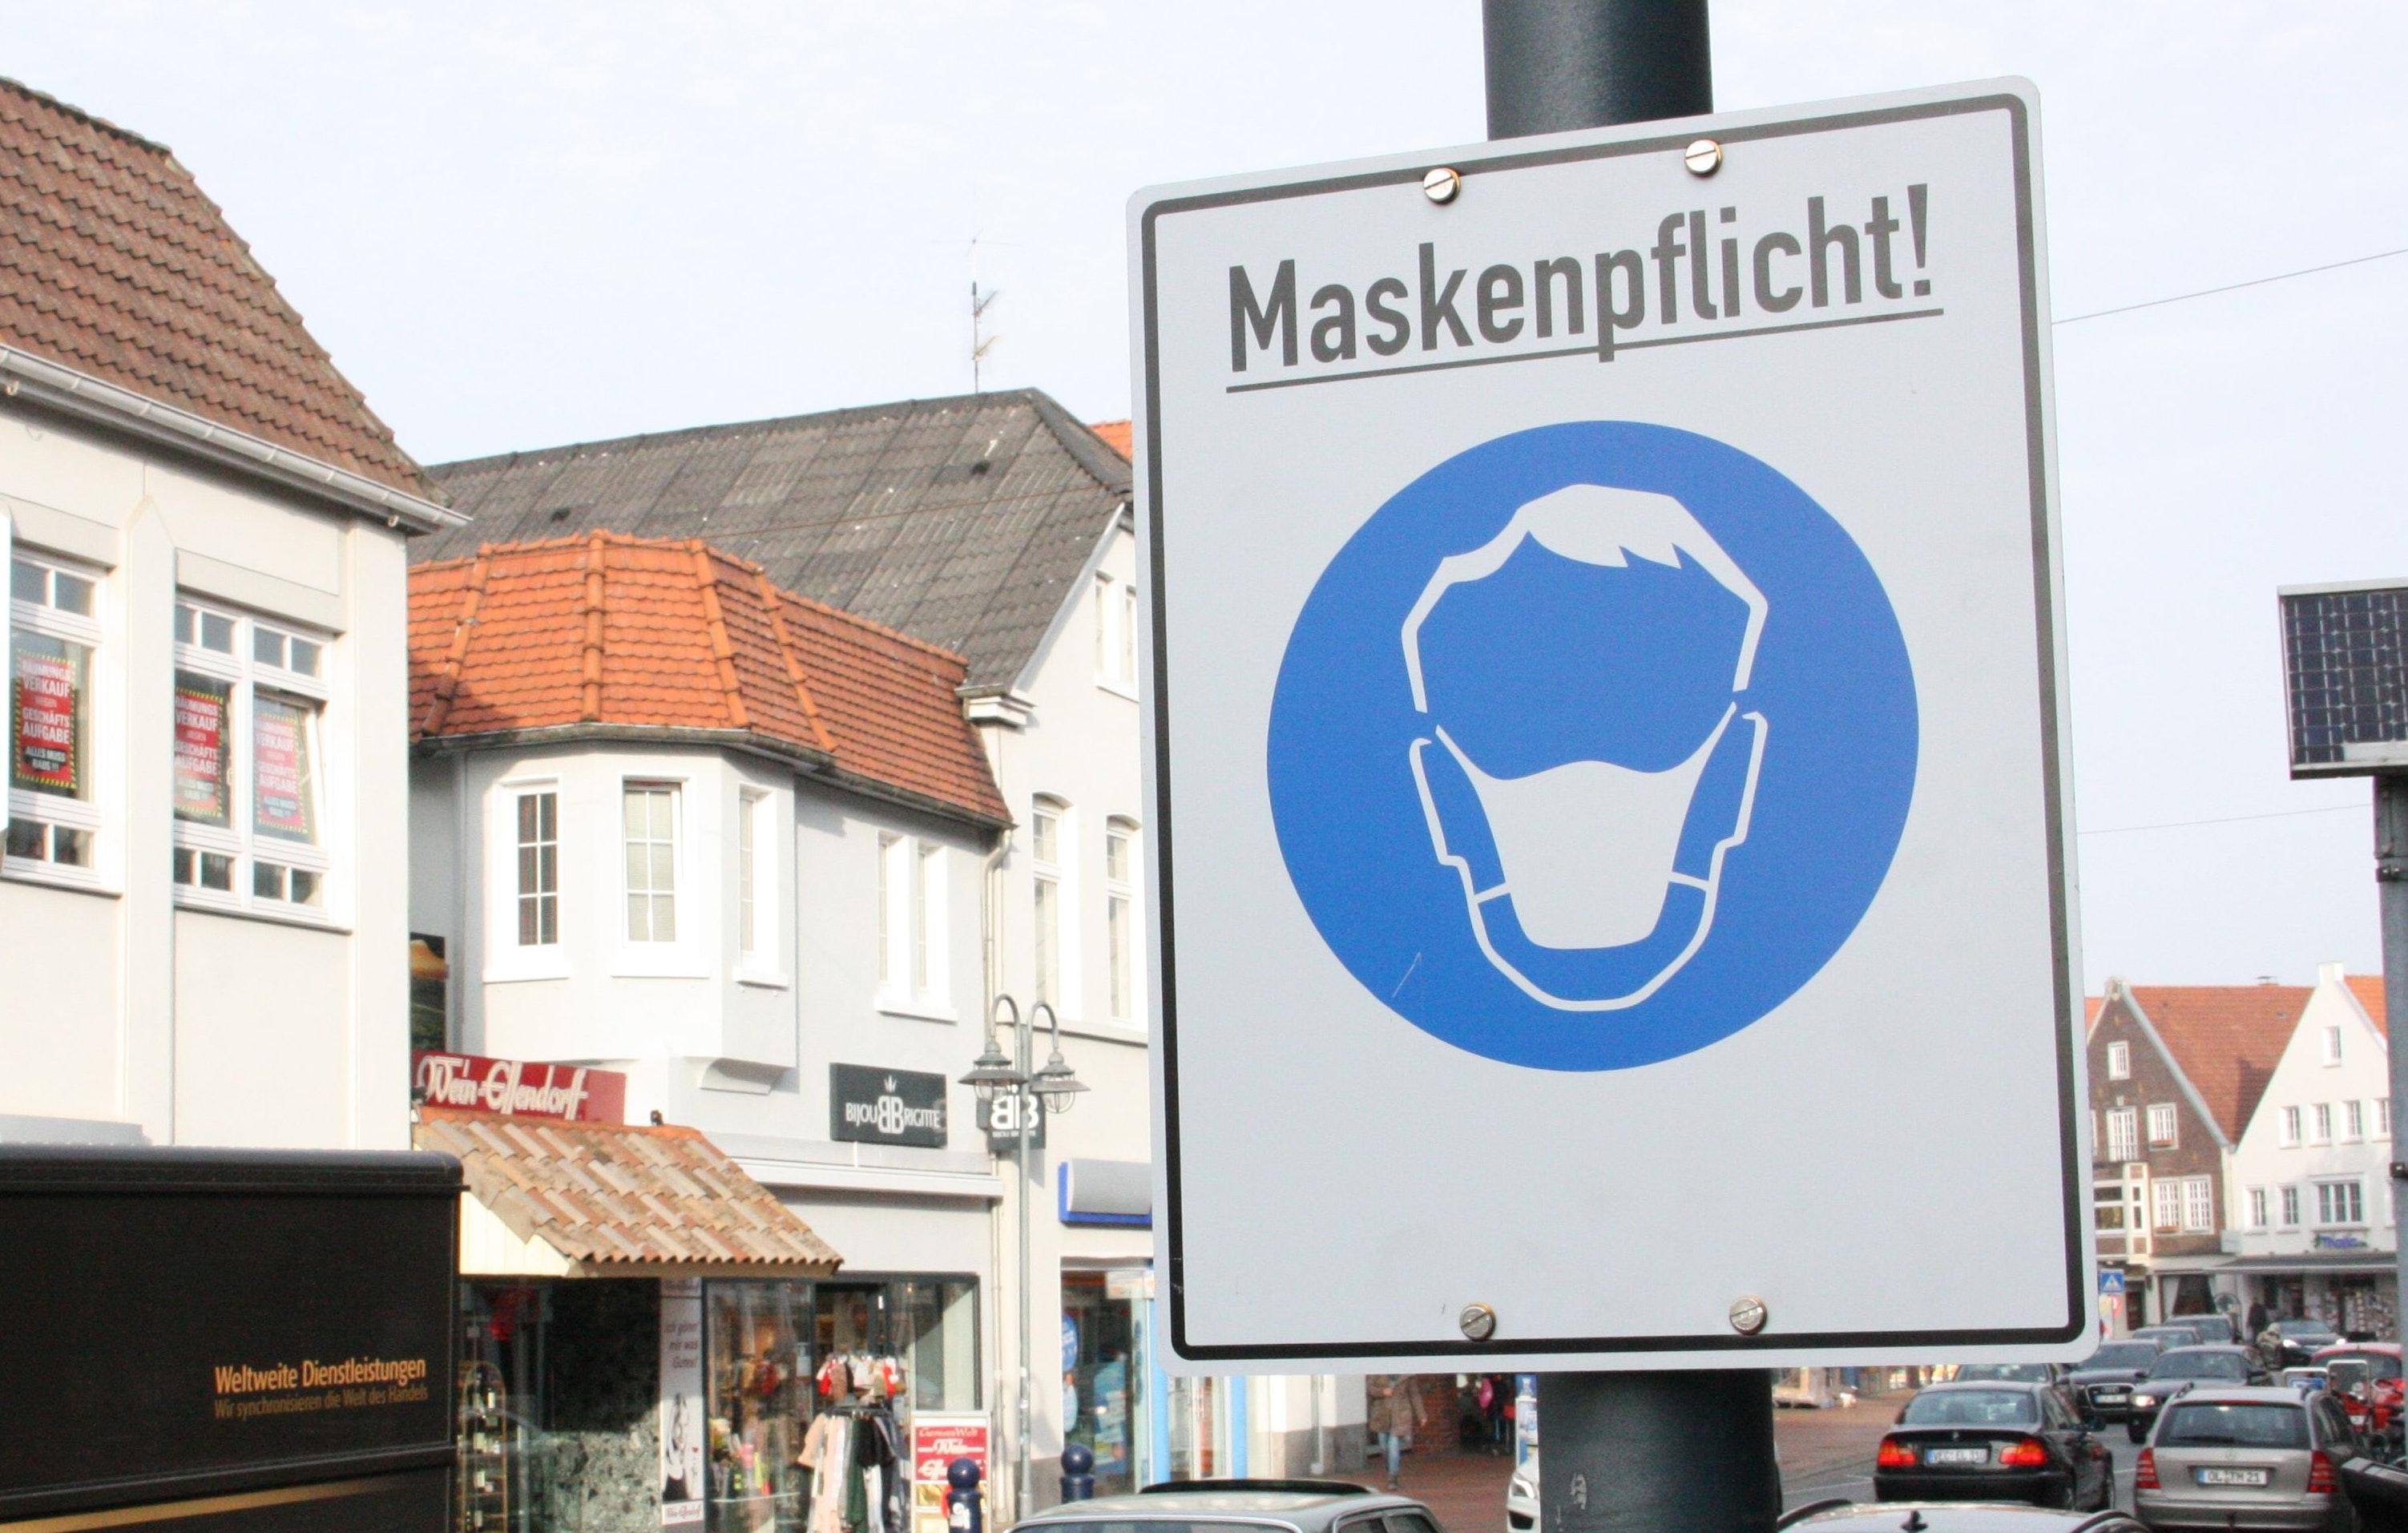 Wohl noch lange nicht vorbei: Maskenpflicht auf der Großen Straße in Vechta. Foto: Meyer